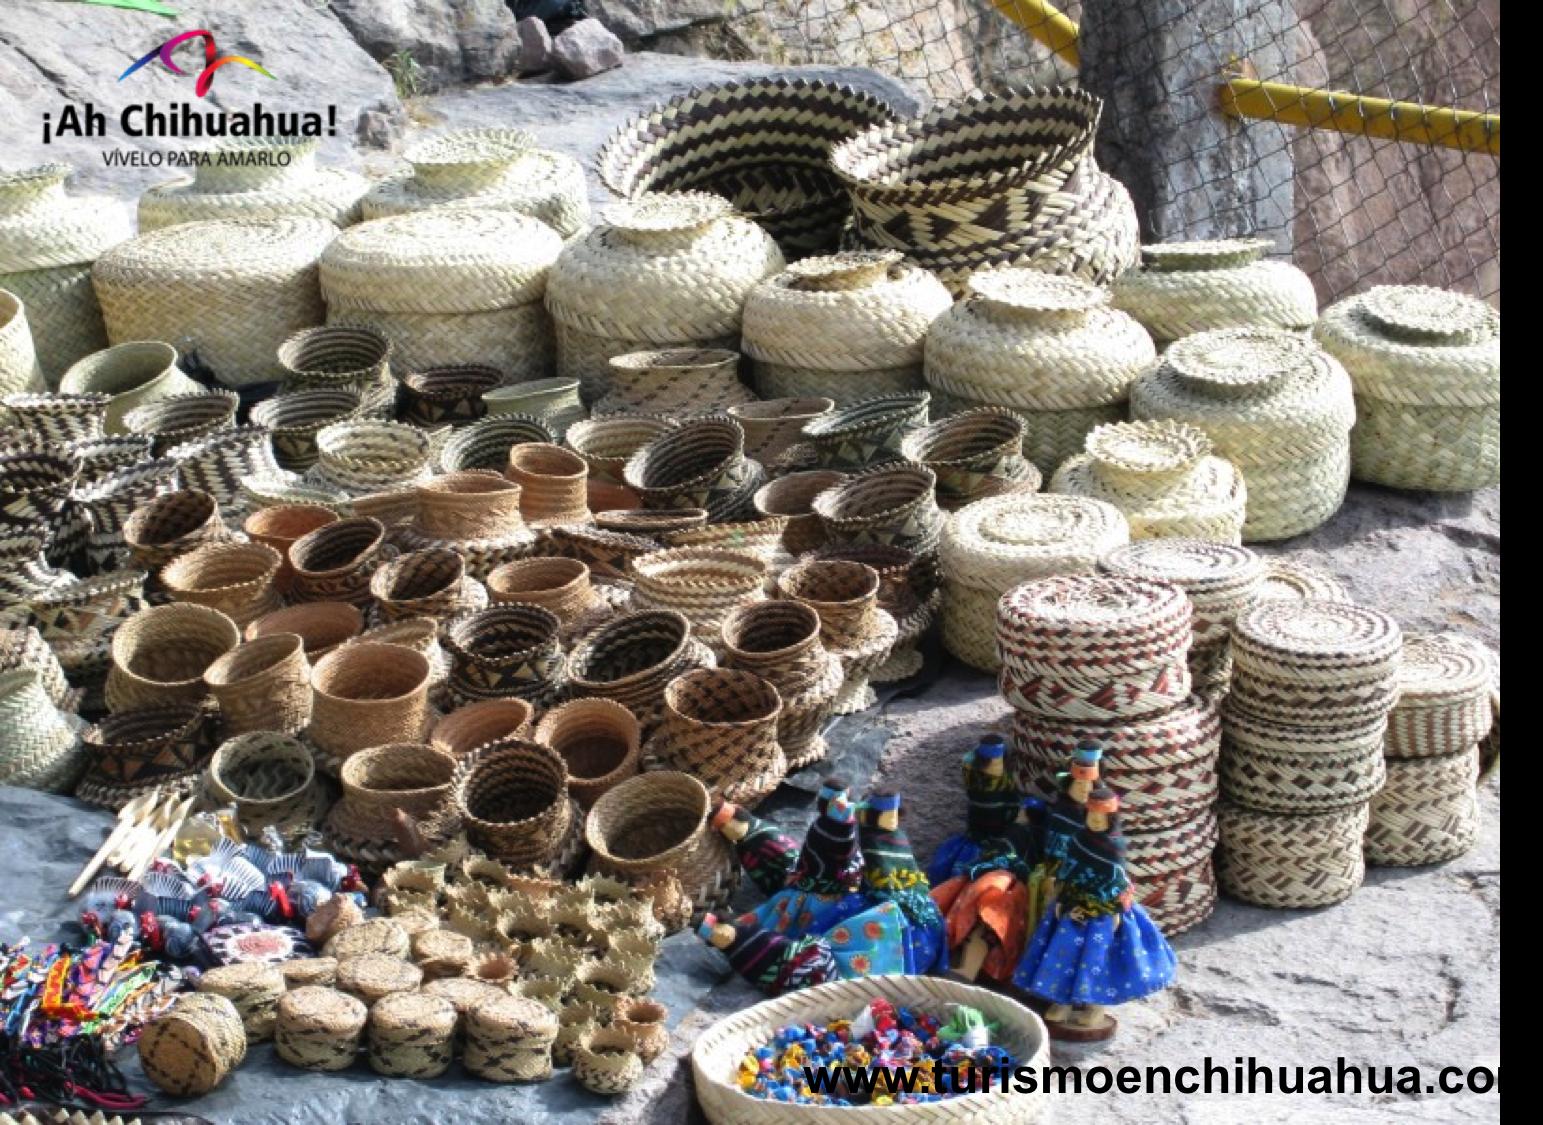 Dentro de la amplia gama de artesanía en el Estado de Chihuahua, los Rarámuris se caracterizan por conservar sus tradiciones ancestrales, tal es el caso de los típicos wares una canasta tejida con palmillas para múltiples usos. Sin embargo, recientemente han incursionado en la elaboración de piezas y productos decorativos a base de la talla de madera de la región de la Sierra Tarahumara. Podrás conocer estas estupendas artesanías al visitar el Museo o Casa de las Artesanías, en Creel…